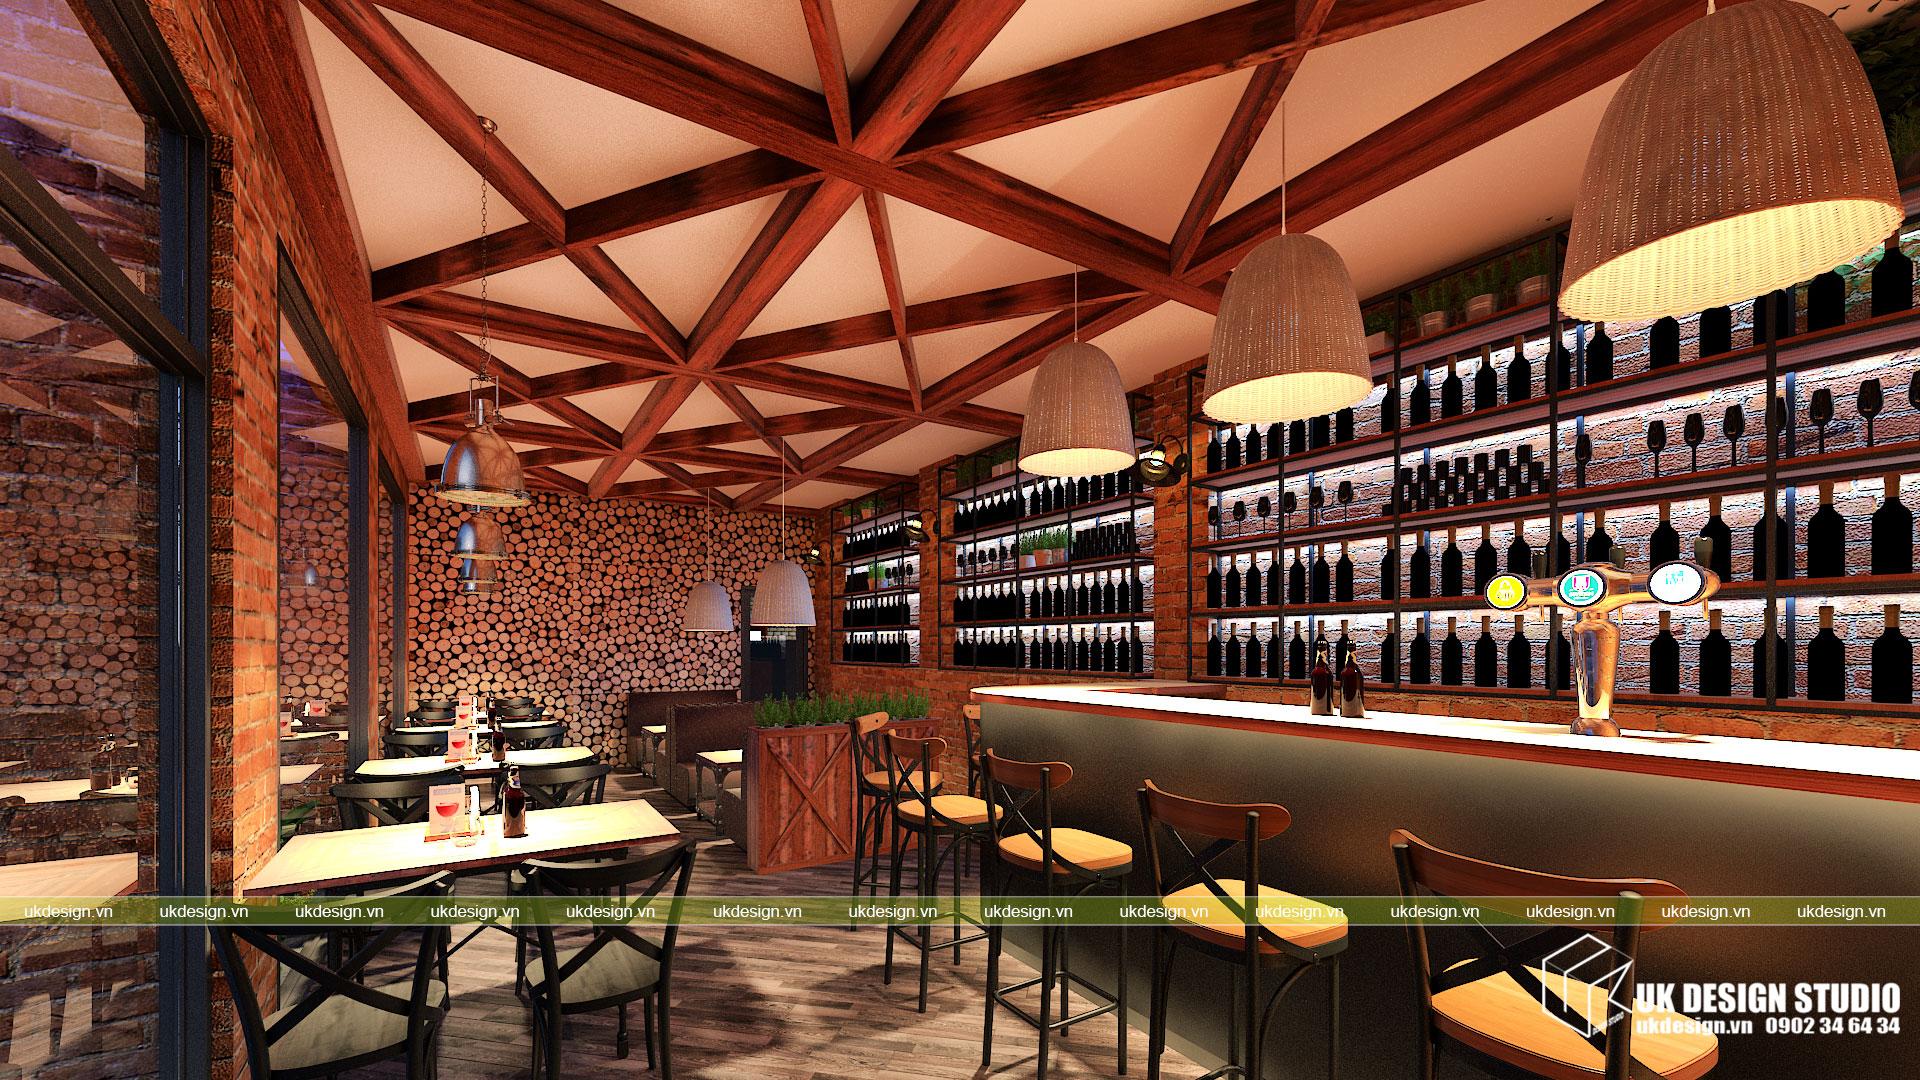 Thiết kế nhà hàng bia sang trọng 2